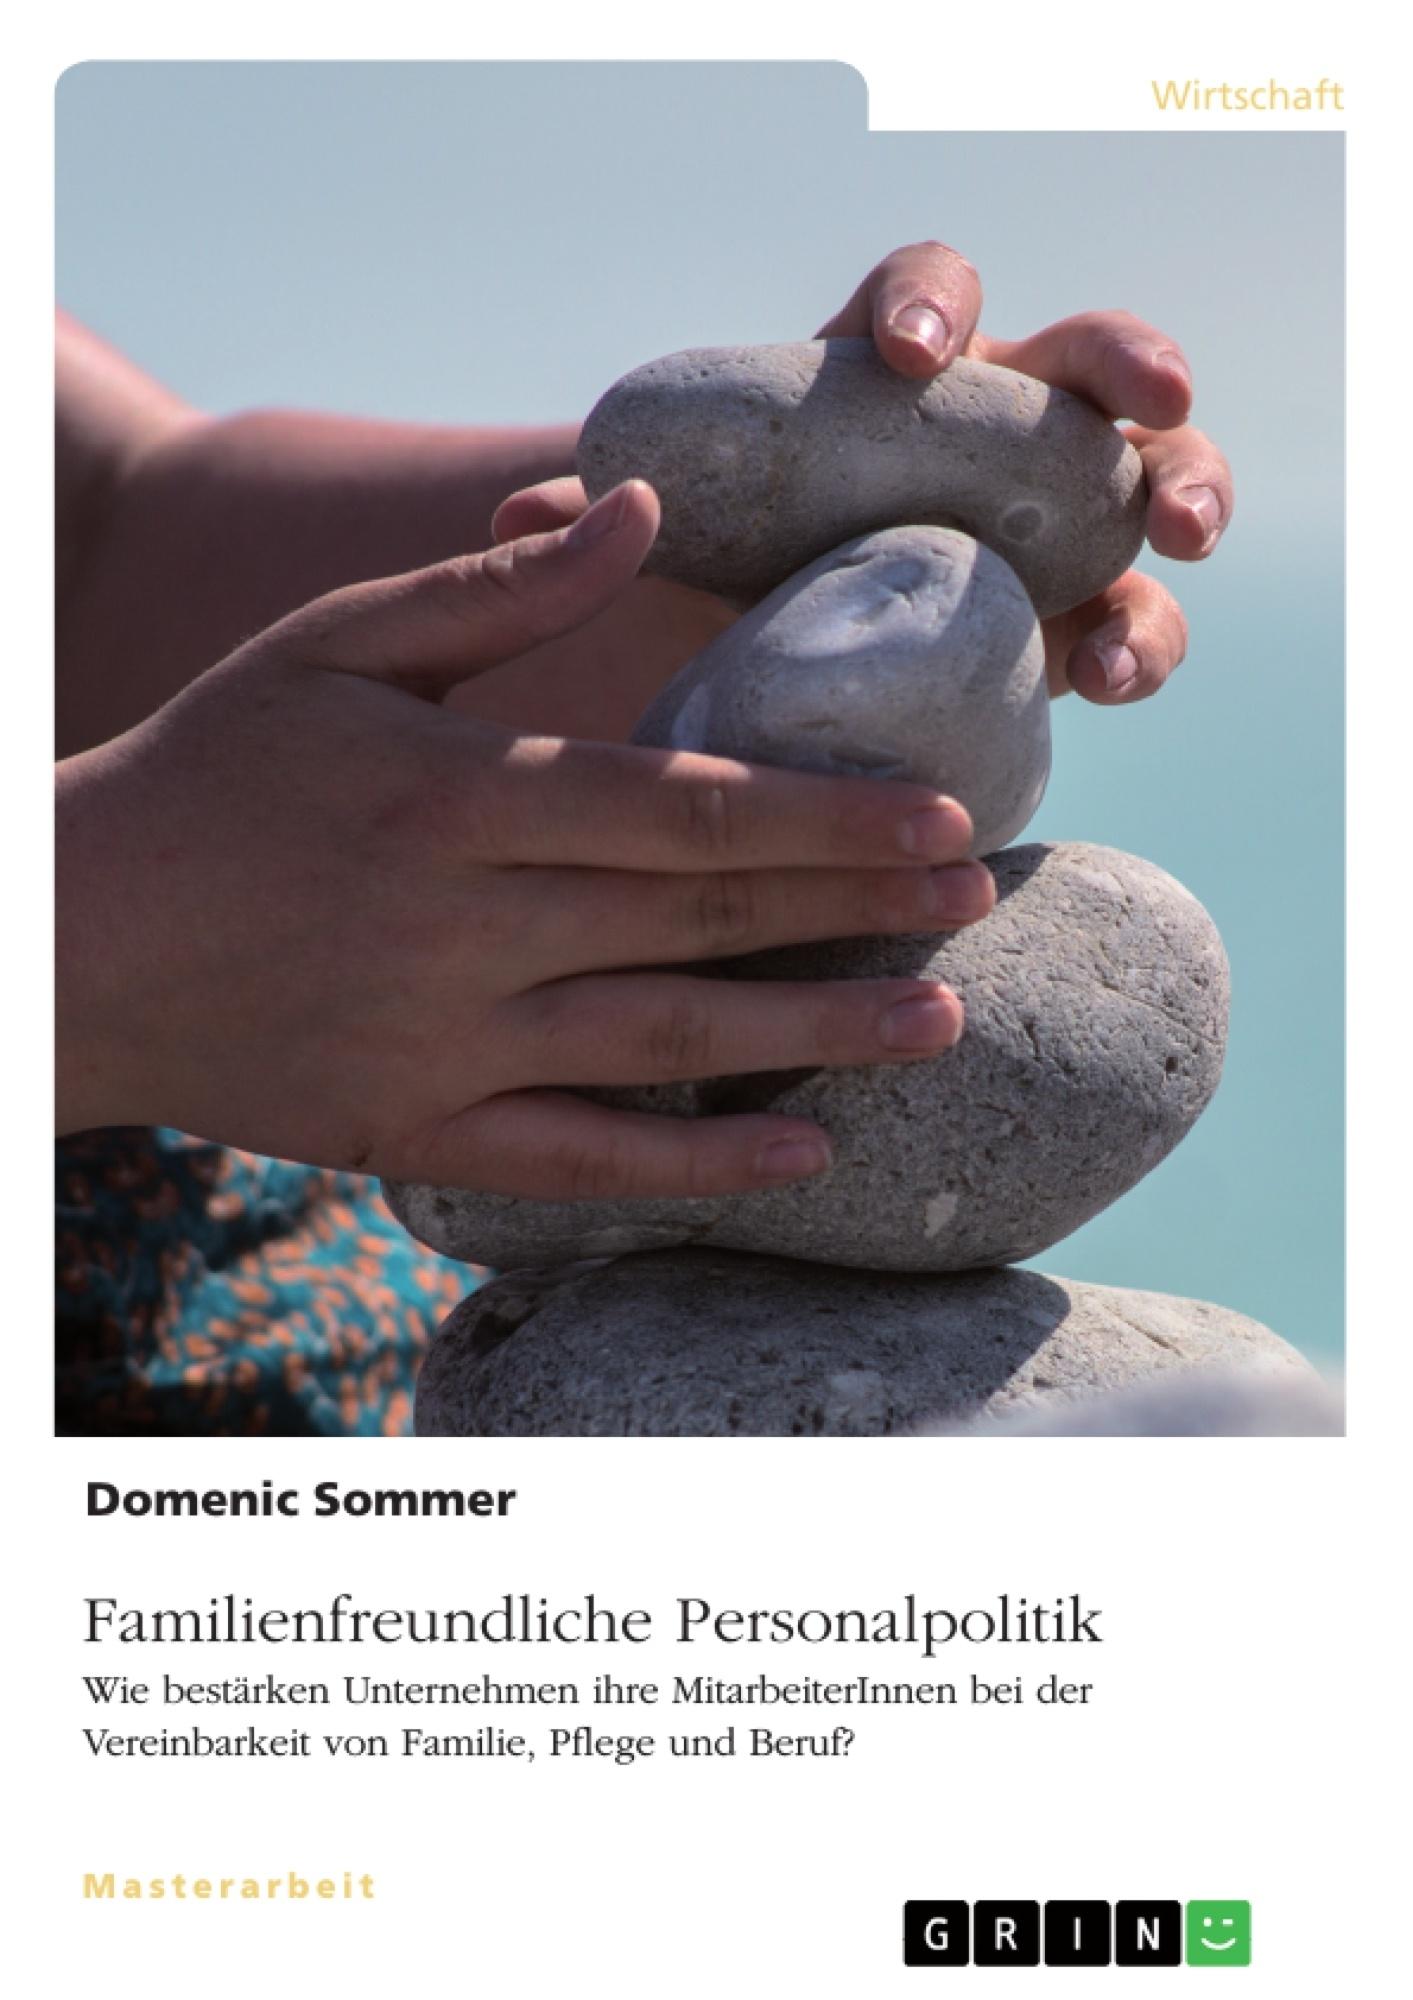 Titel: Familienfreundliche Personalpolitik. Wie bestärken Unternehmen ihre MitarbeiterInnen bei der Vereinbarkeit von Familie, Pflege und Beruf?